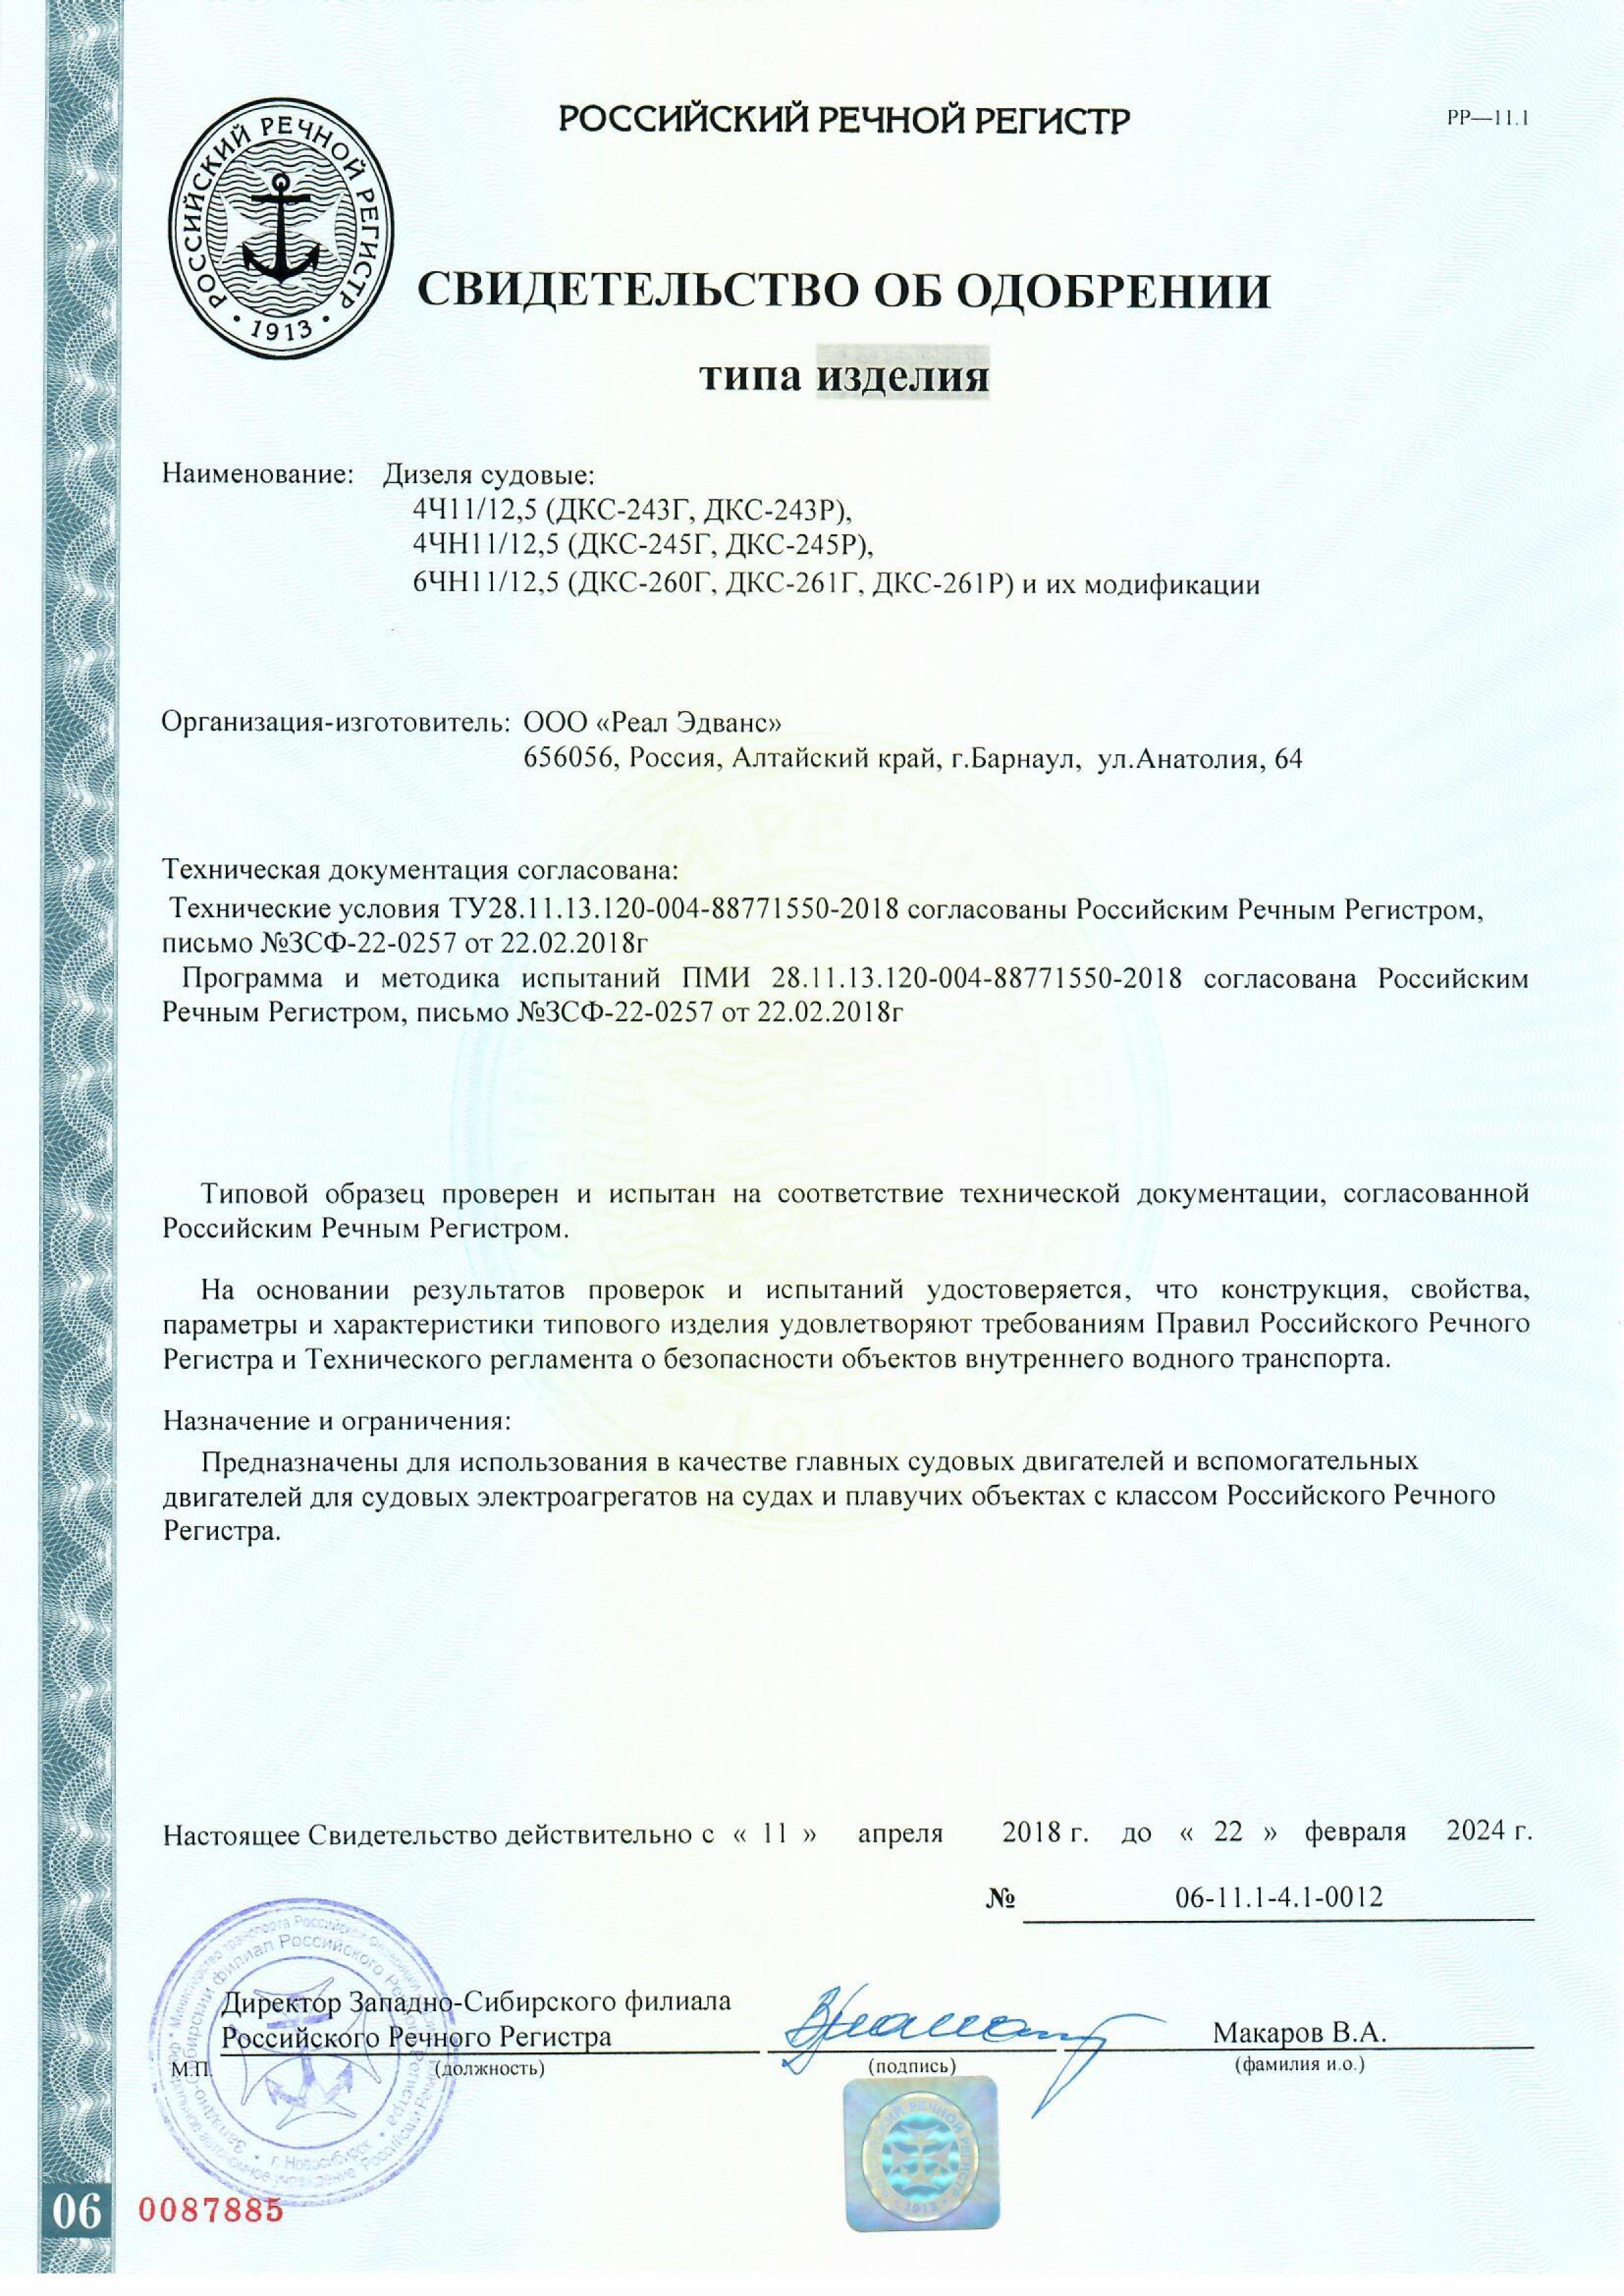 свидетельство об одобрении 06-11.1-4.1-0012 (дкс) Реал Эдвансу